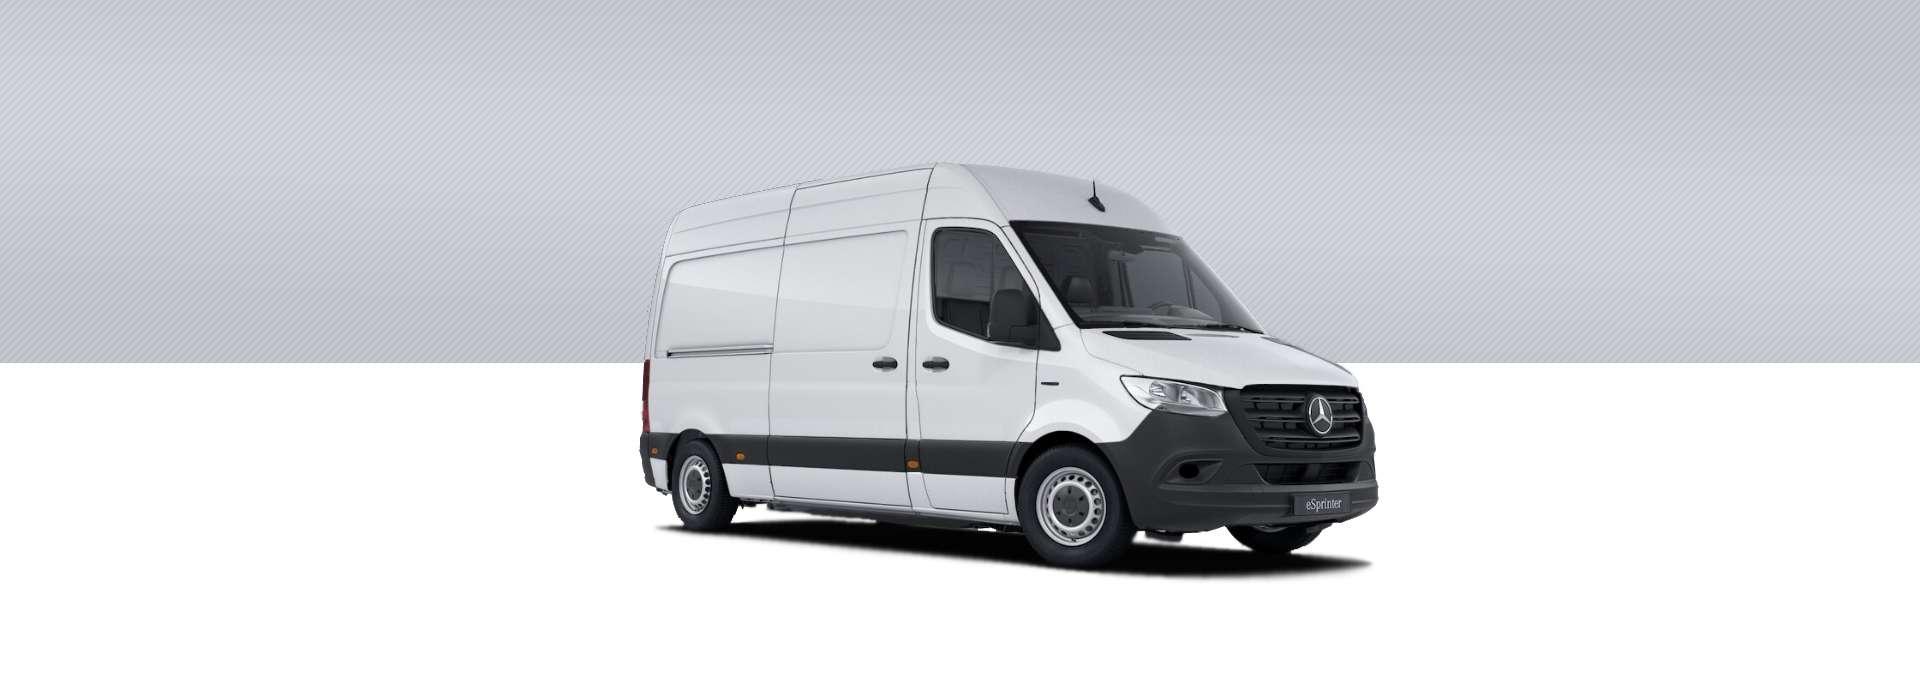 Mercedes Benz eSprinter Furgón